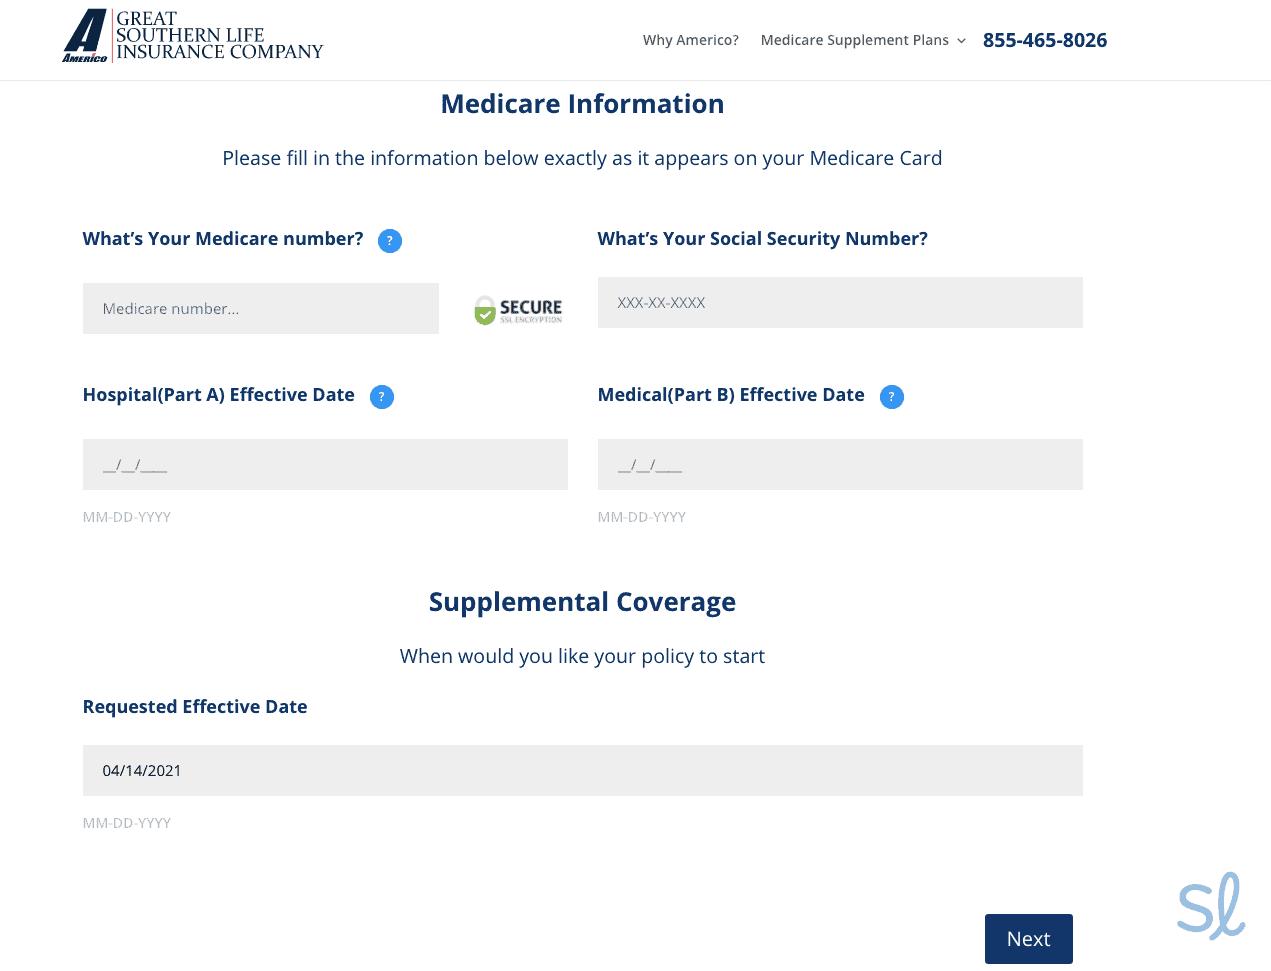 Enter your Medicare information